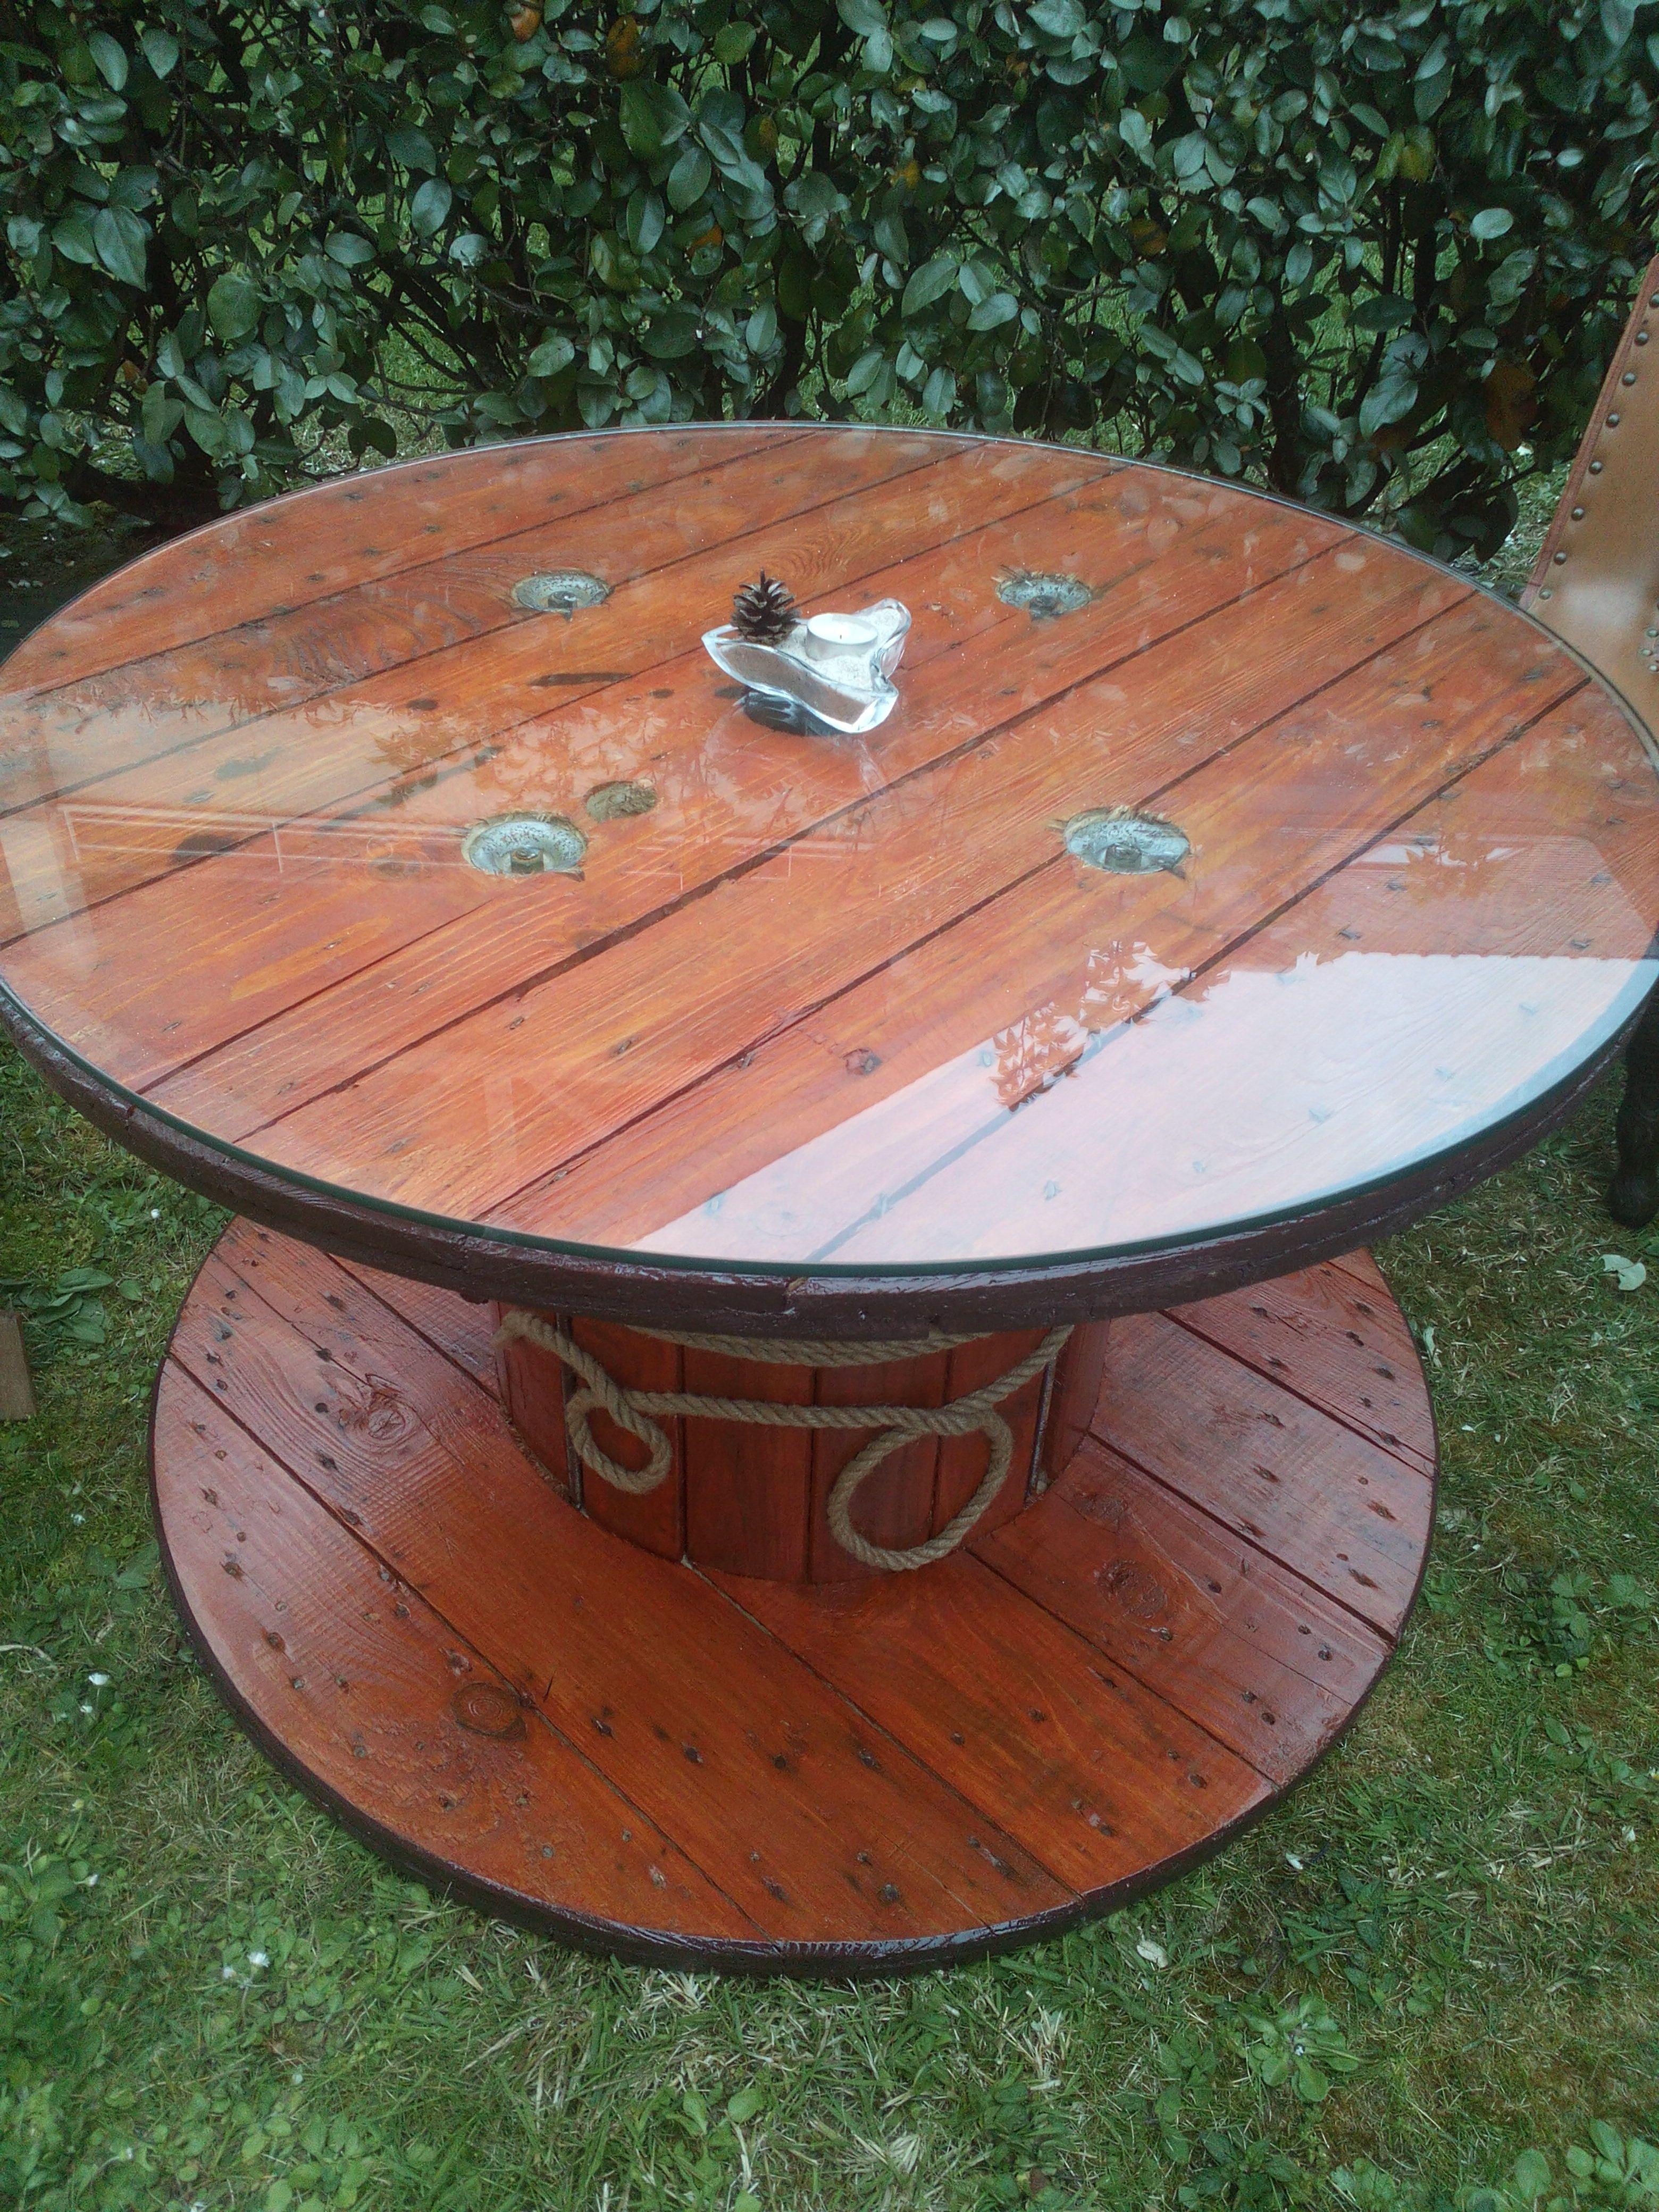 495b9854128555261f5d19a7627e0c7b Impressionnant De Table Basse Bois Naturel Des Idées